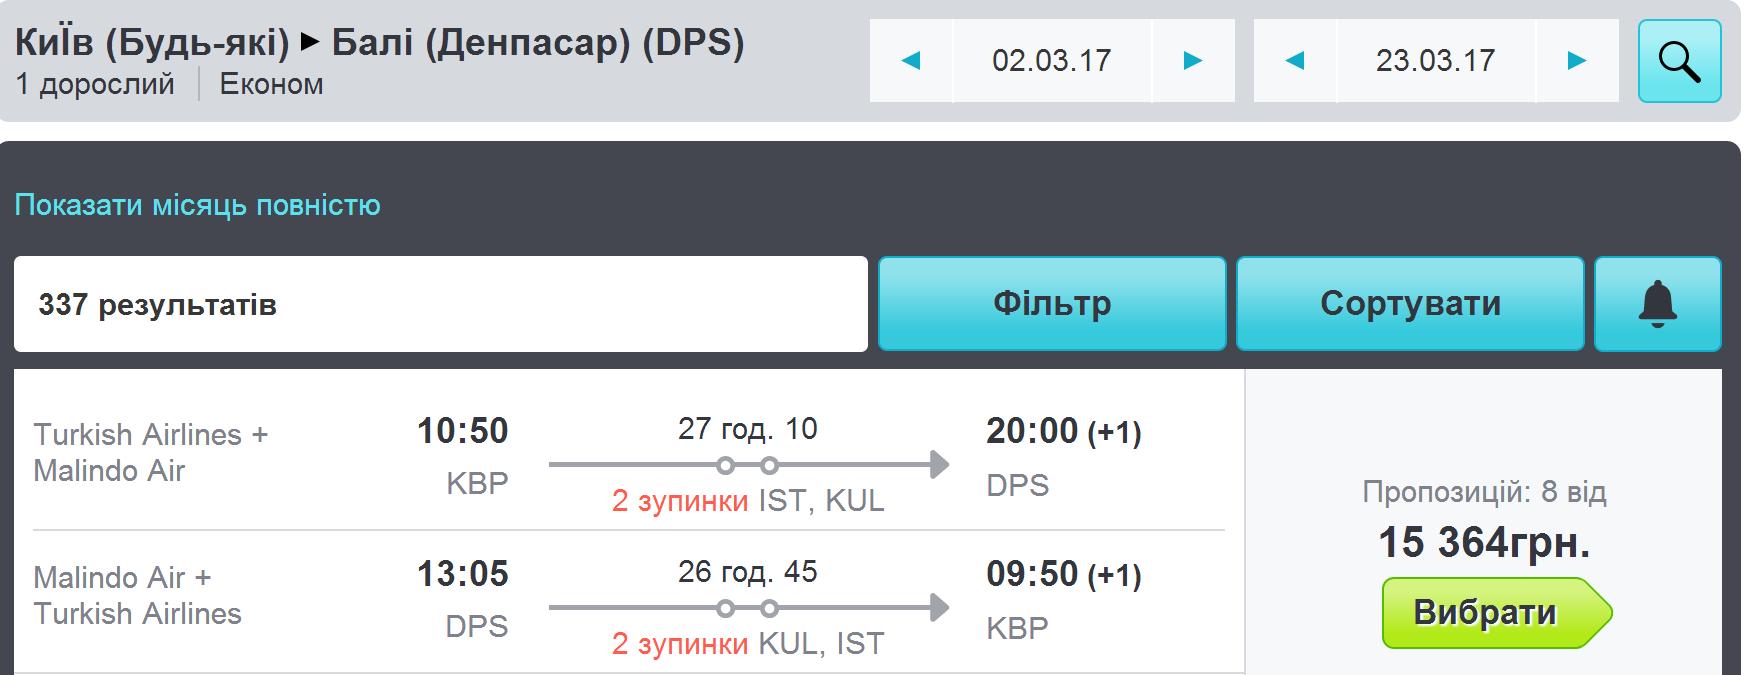 Авиабилеты онлайн Киев Одесса купить по низкой цене